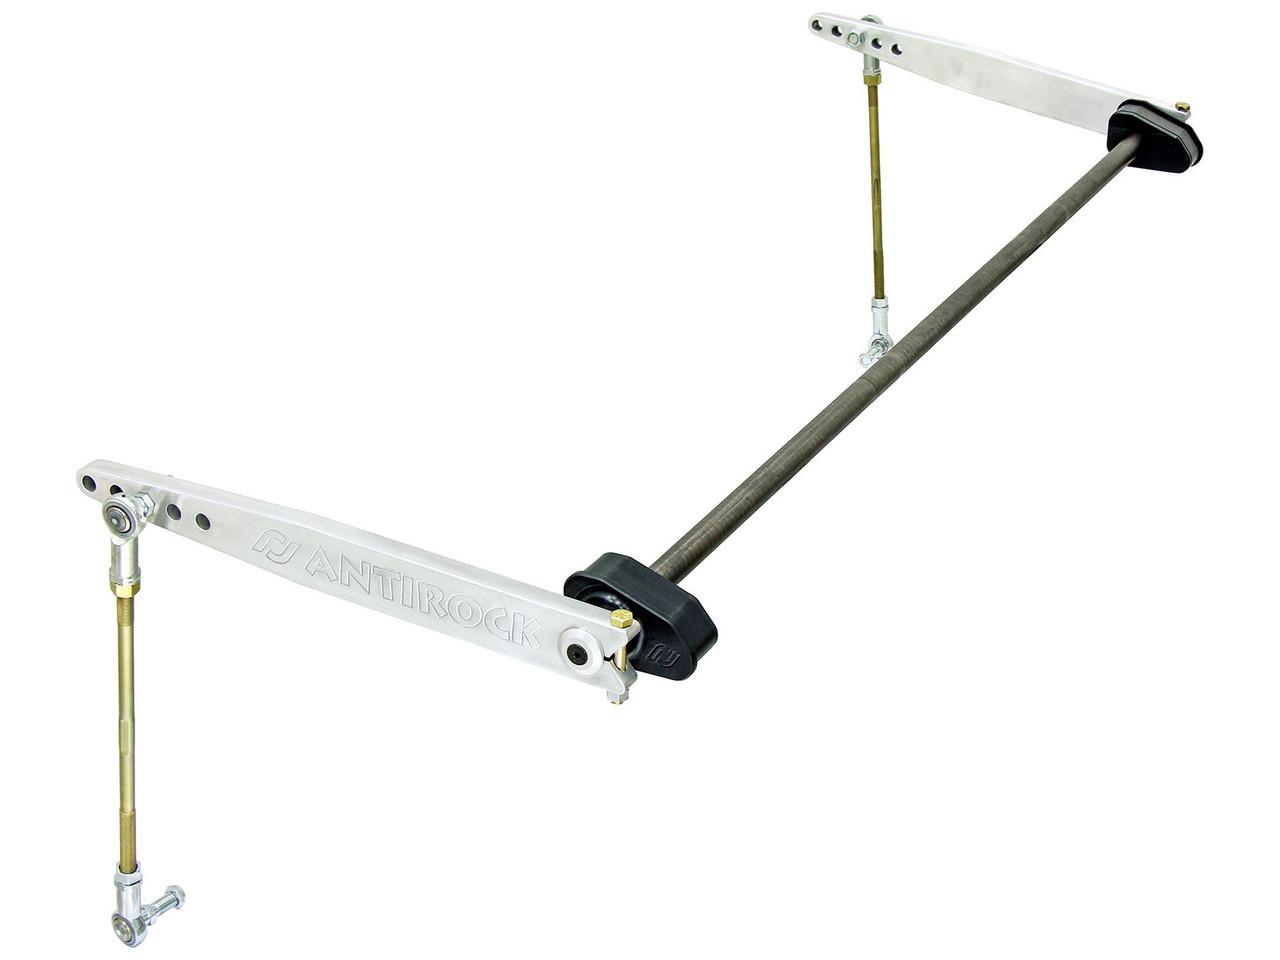 JL 2D or 4D Antirock® Rear Sway Bar Kit (Aluminum Arms)